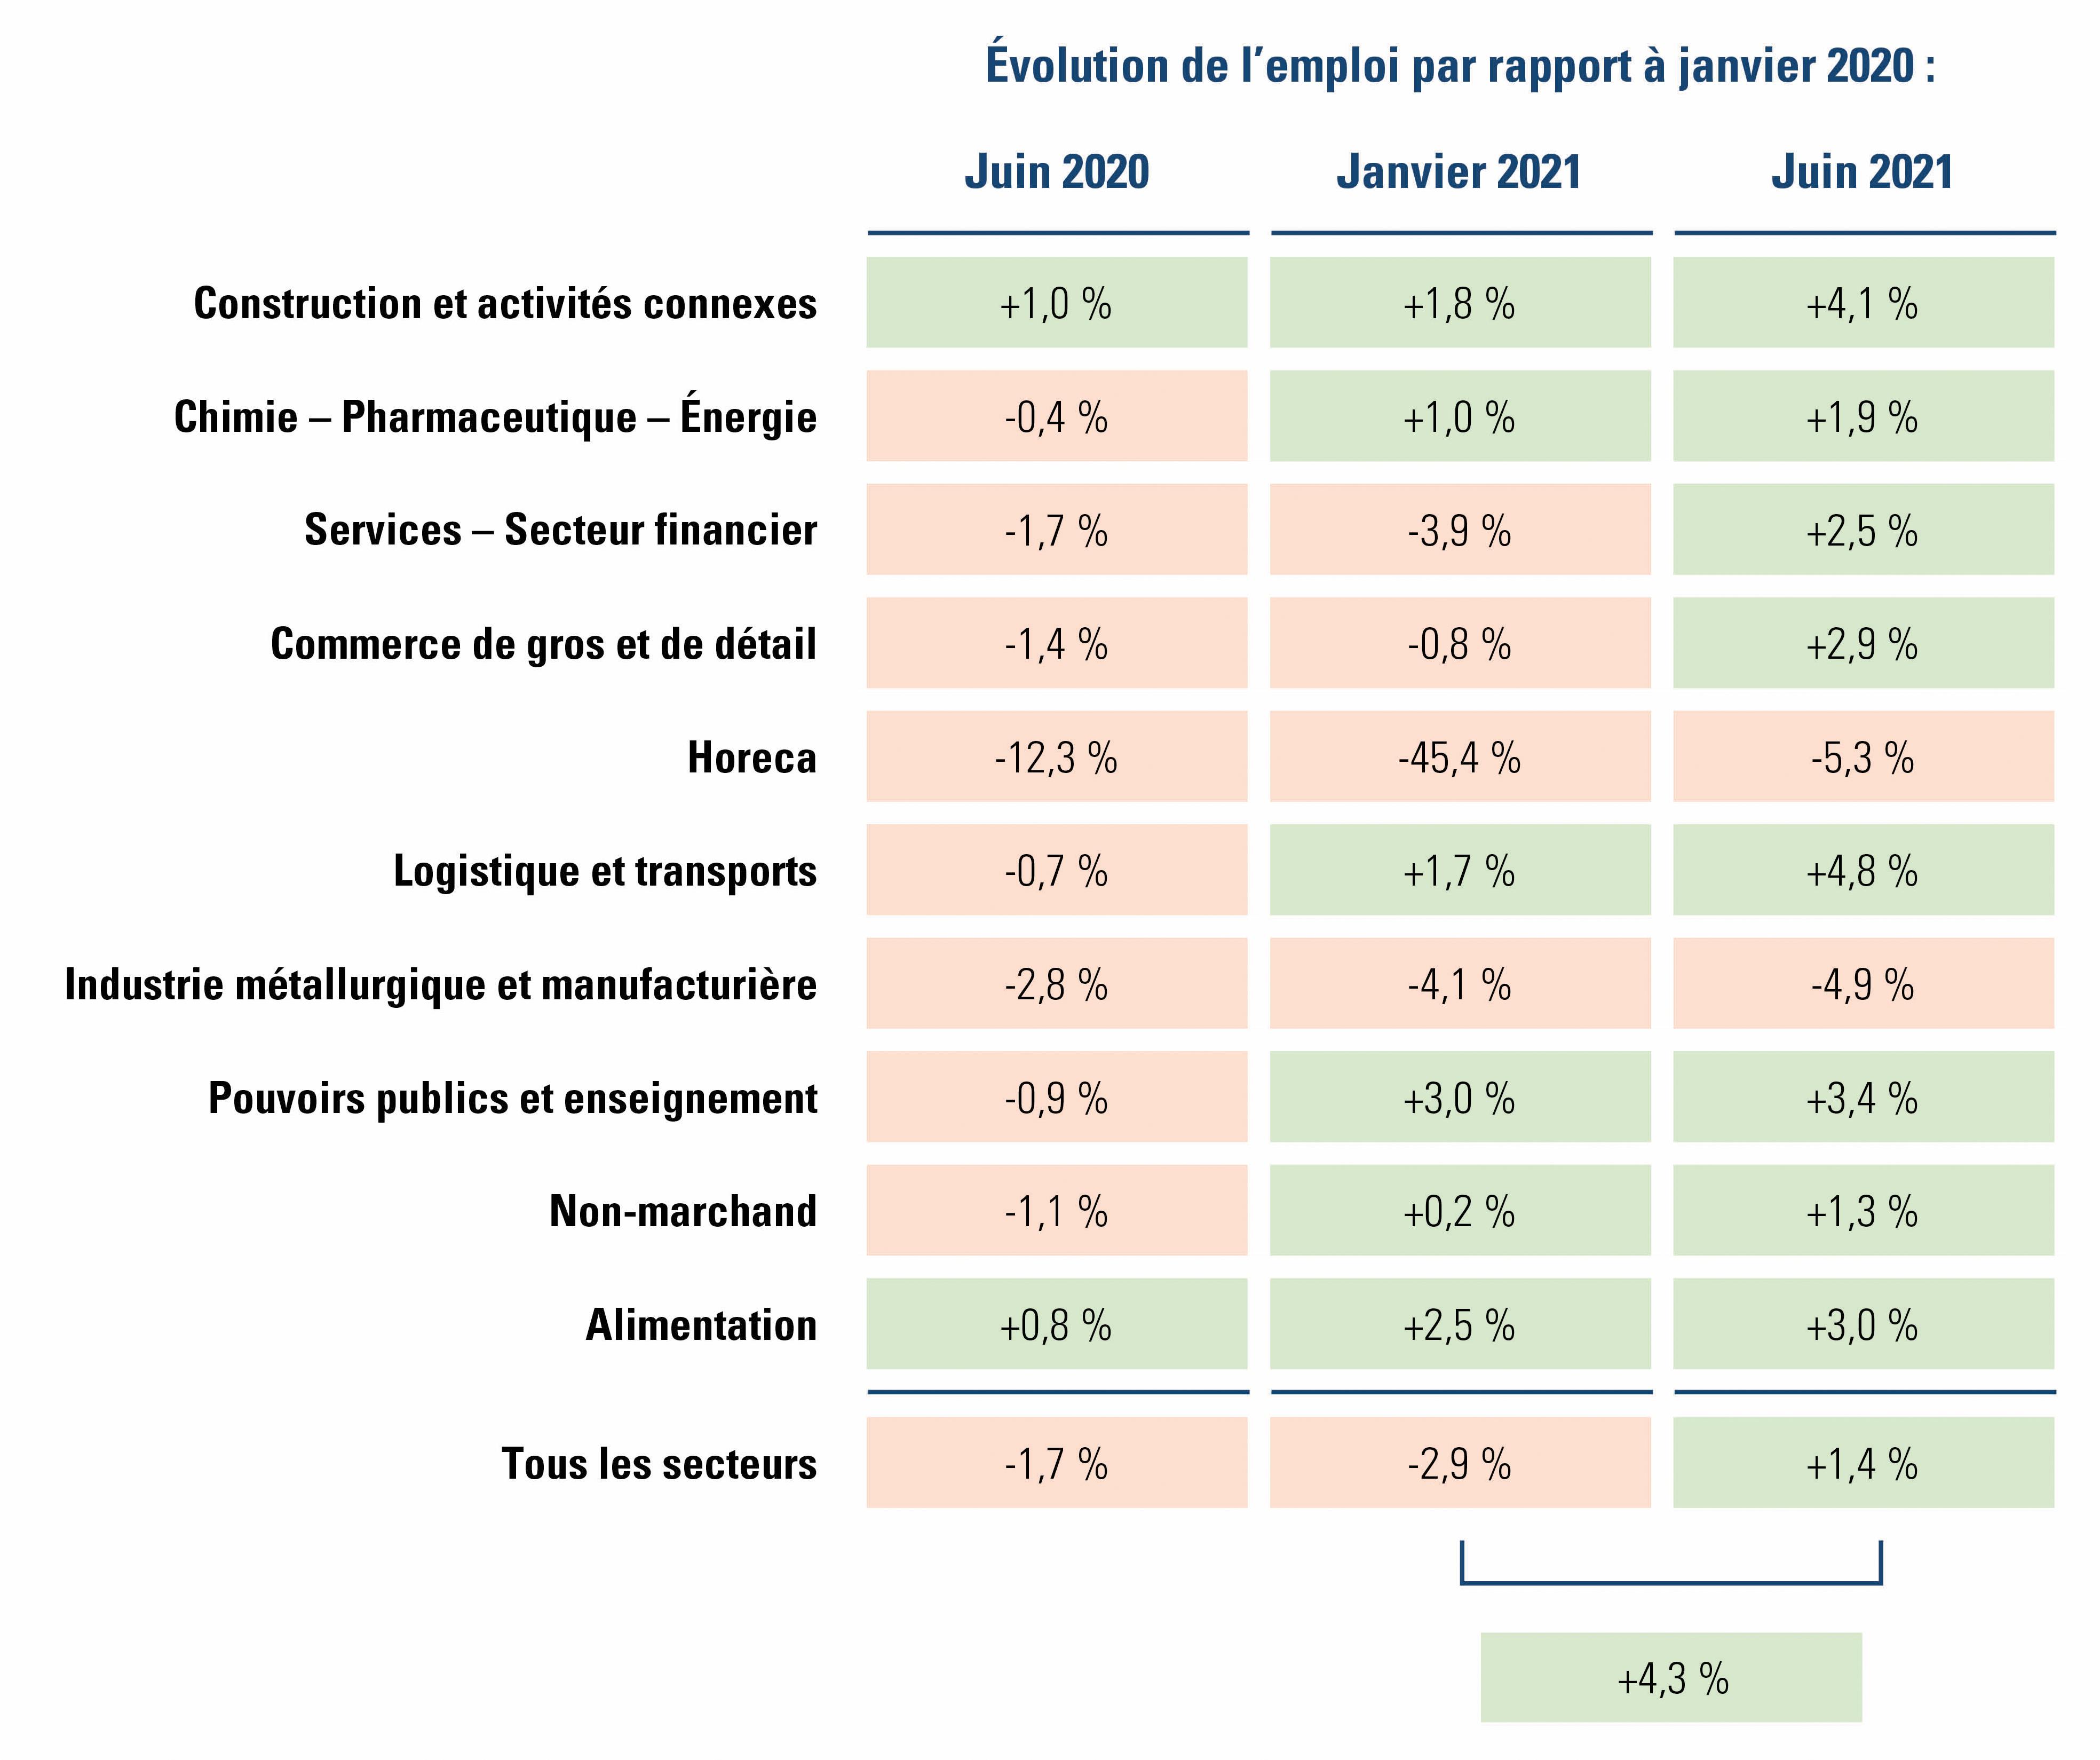 évolution de l'emploi par secteur par rapport à janvier 2020